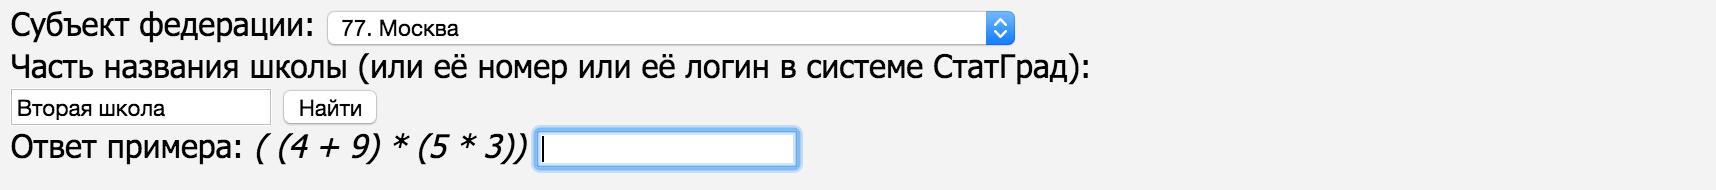 Выбор школы в Москве the hard way - 10